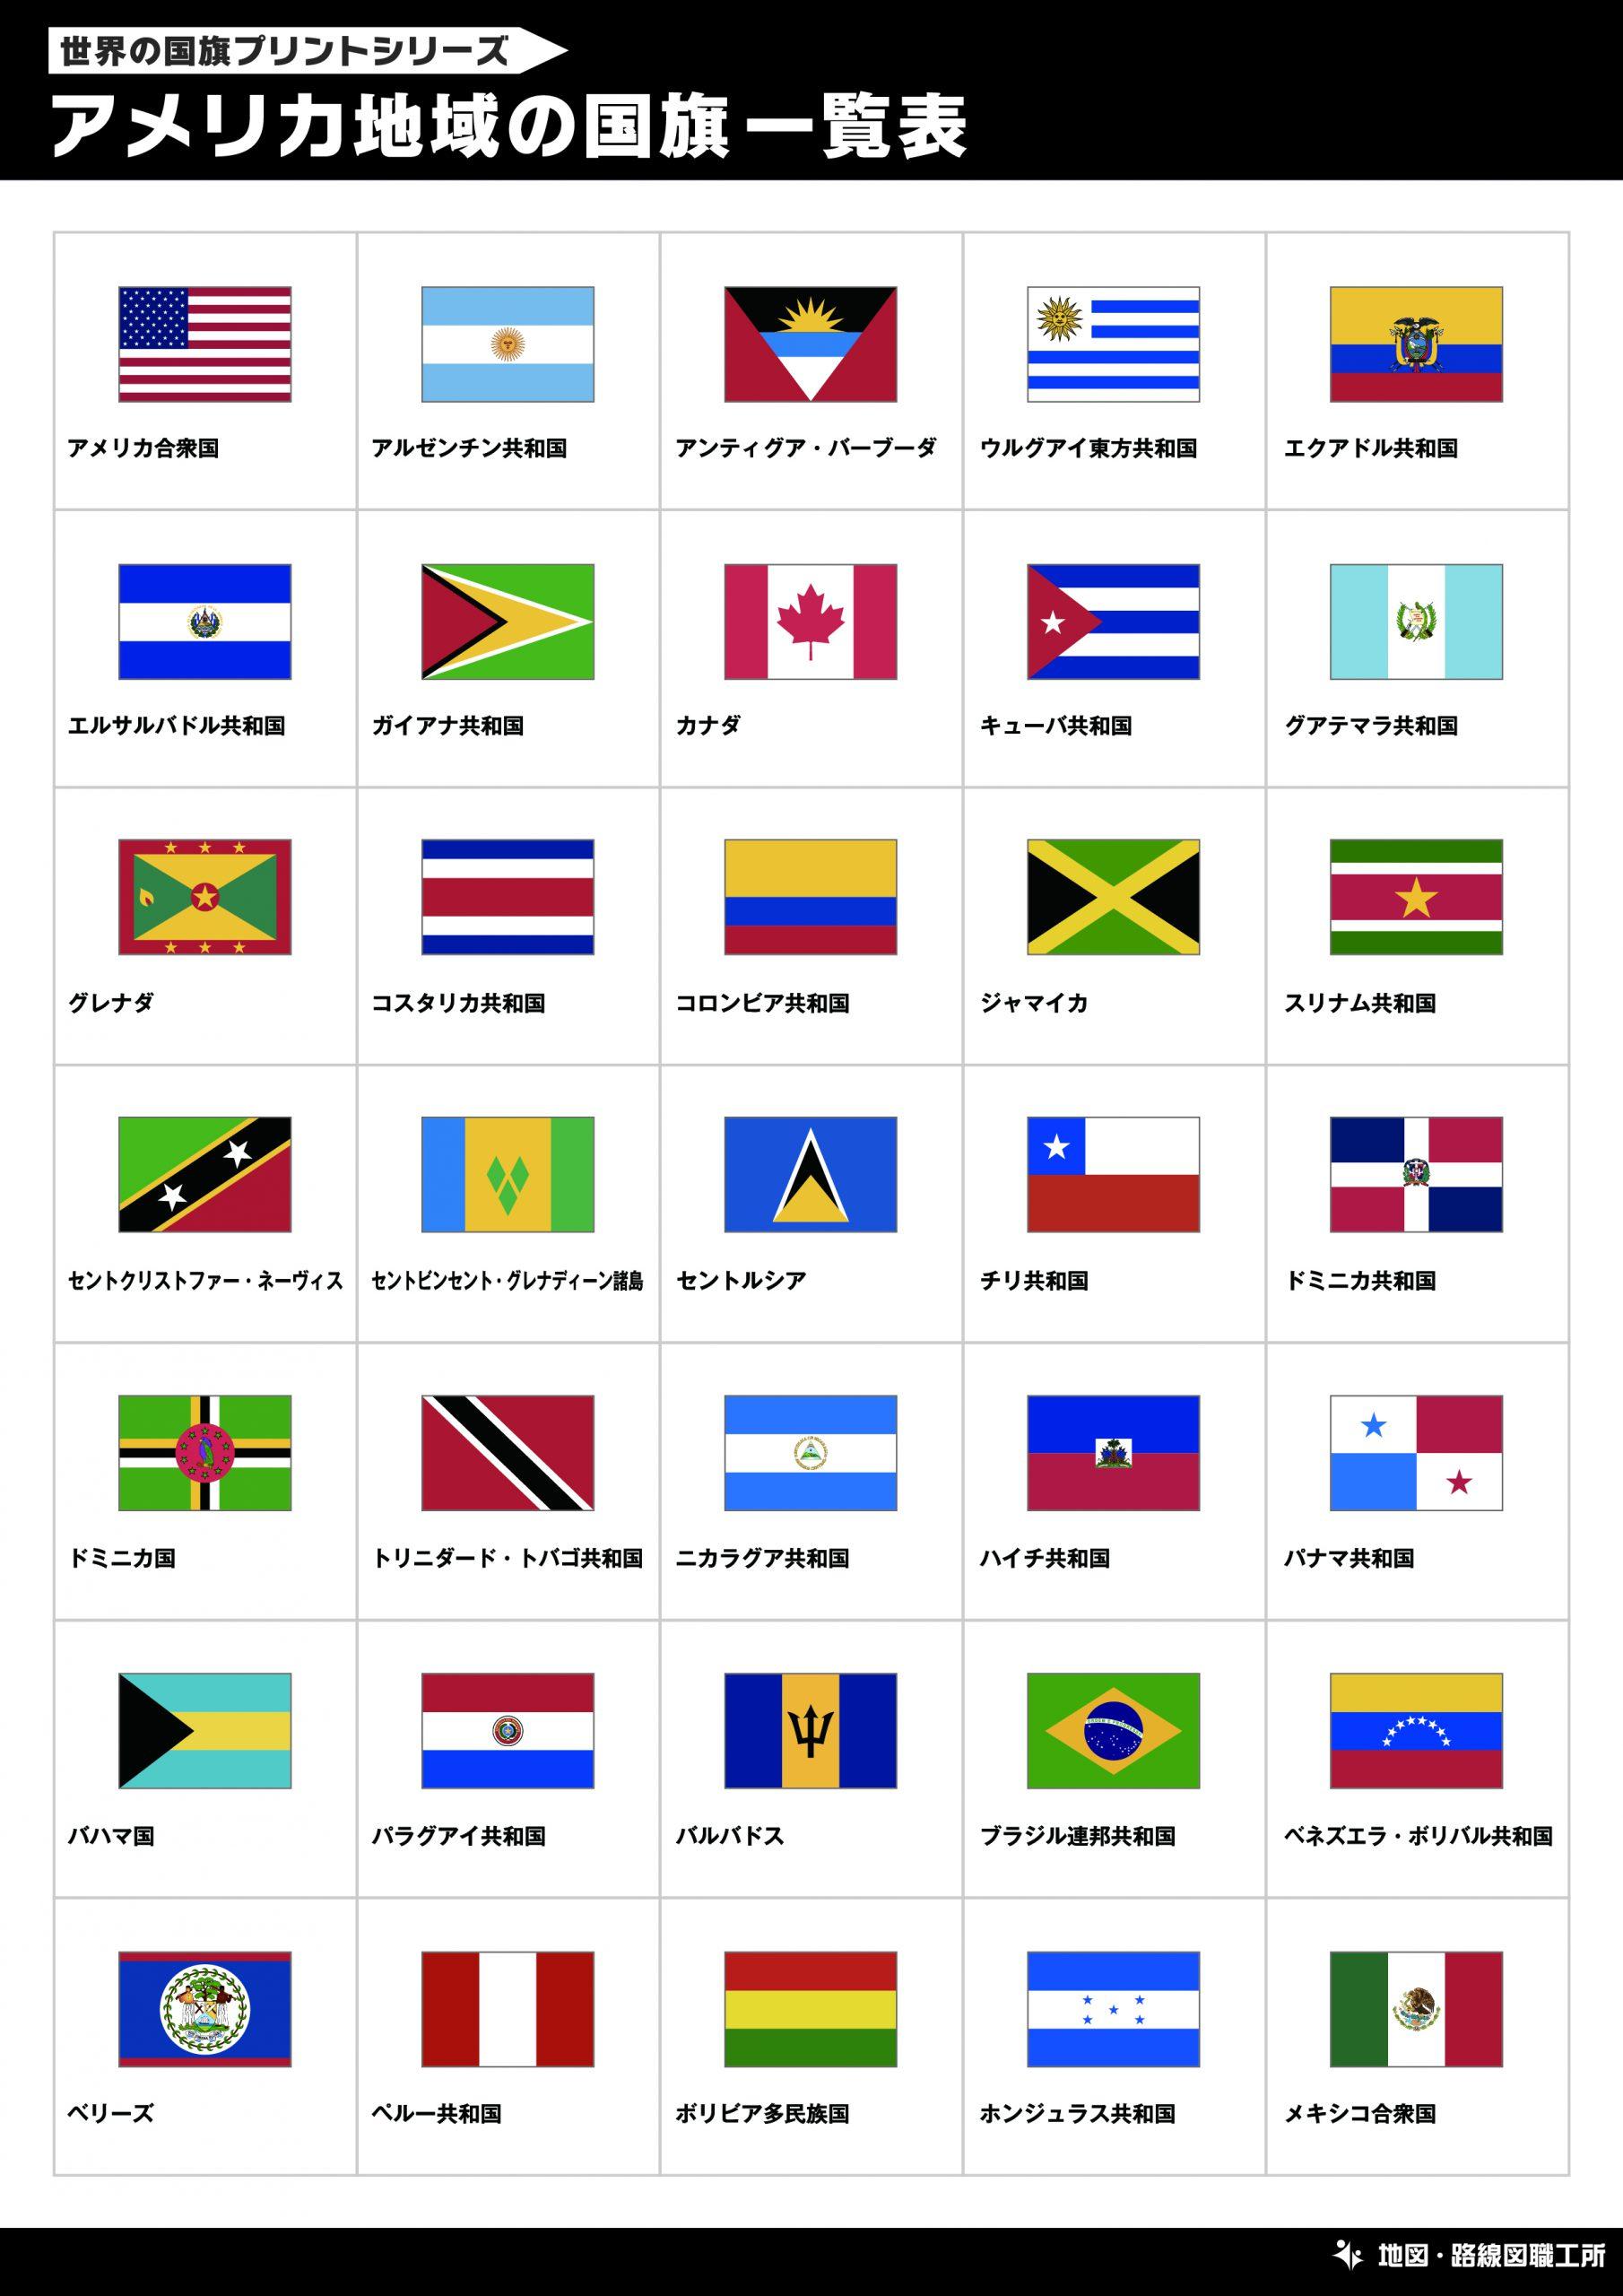 アメリカ地域の国旗一覧表